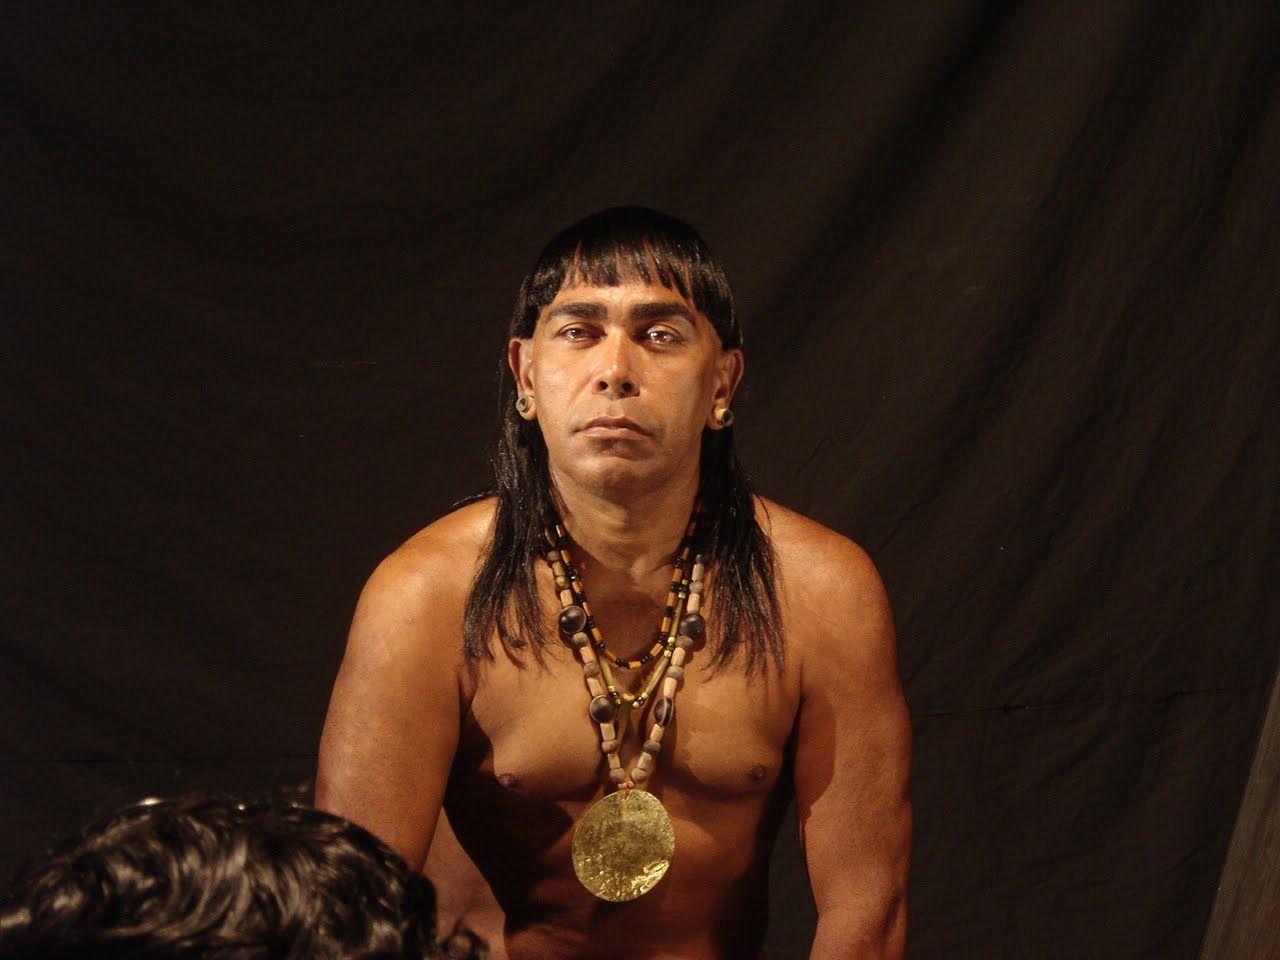 Tainos la ultima tribu pelcula puertorriquea youtube taino tainos la ultima tribu pelcula puertorriquea youtube buycottarizona Image collections